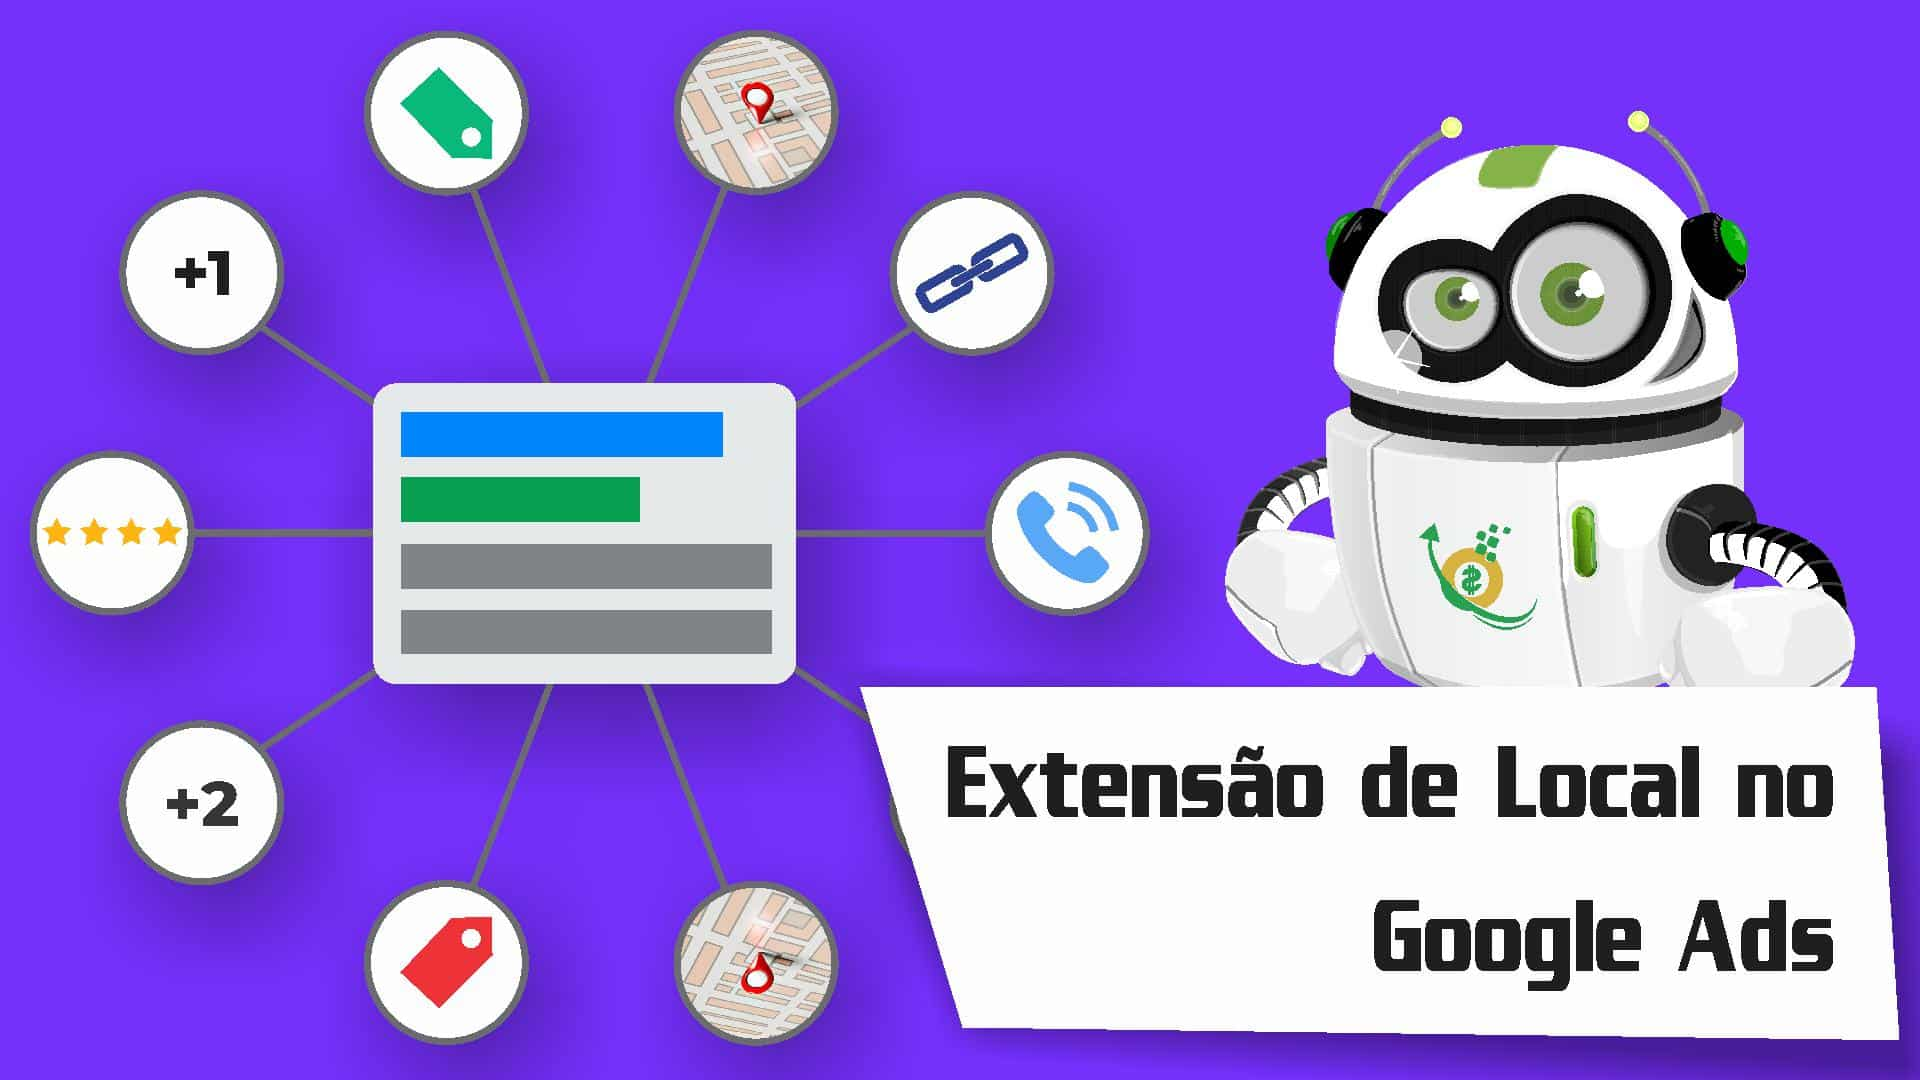 Extensão de Local do Google Ads: Tutorial Completo